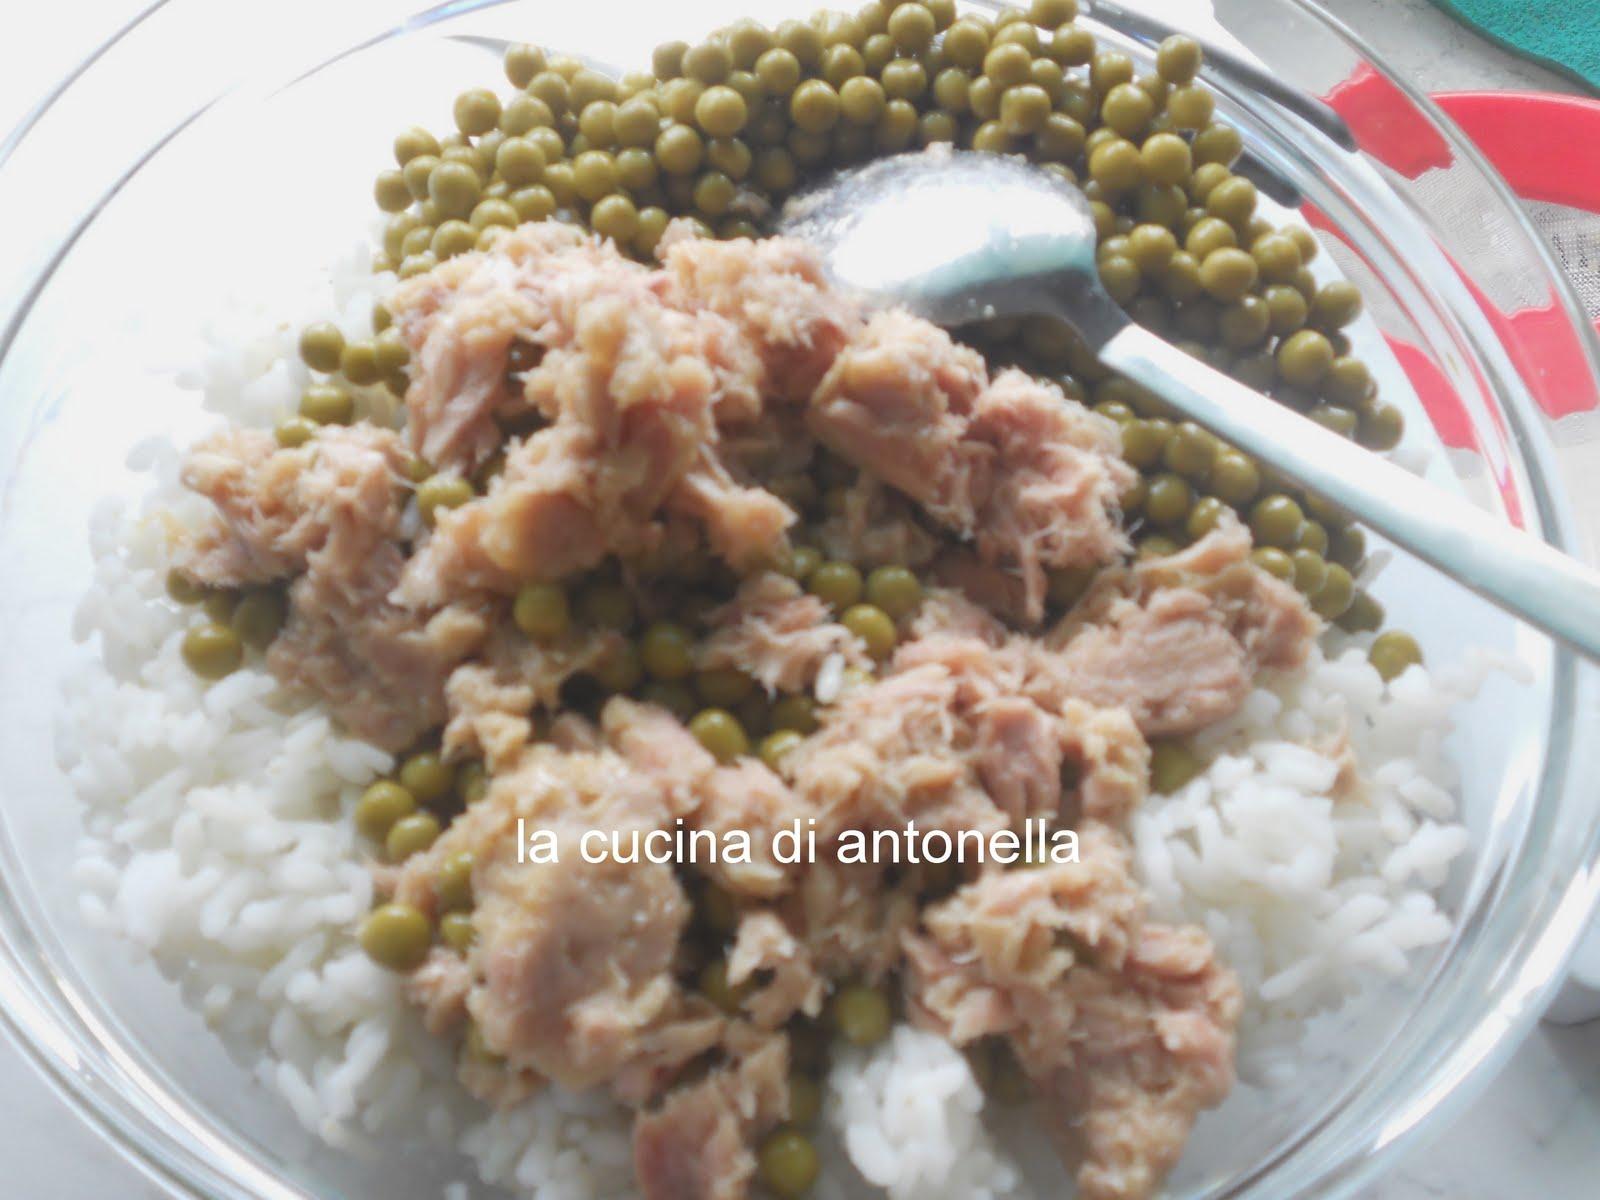 La cucina di antonella insalata di riso tonno e gamberetti - La cucina di antonella ...